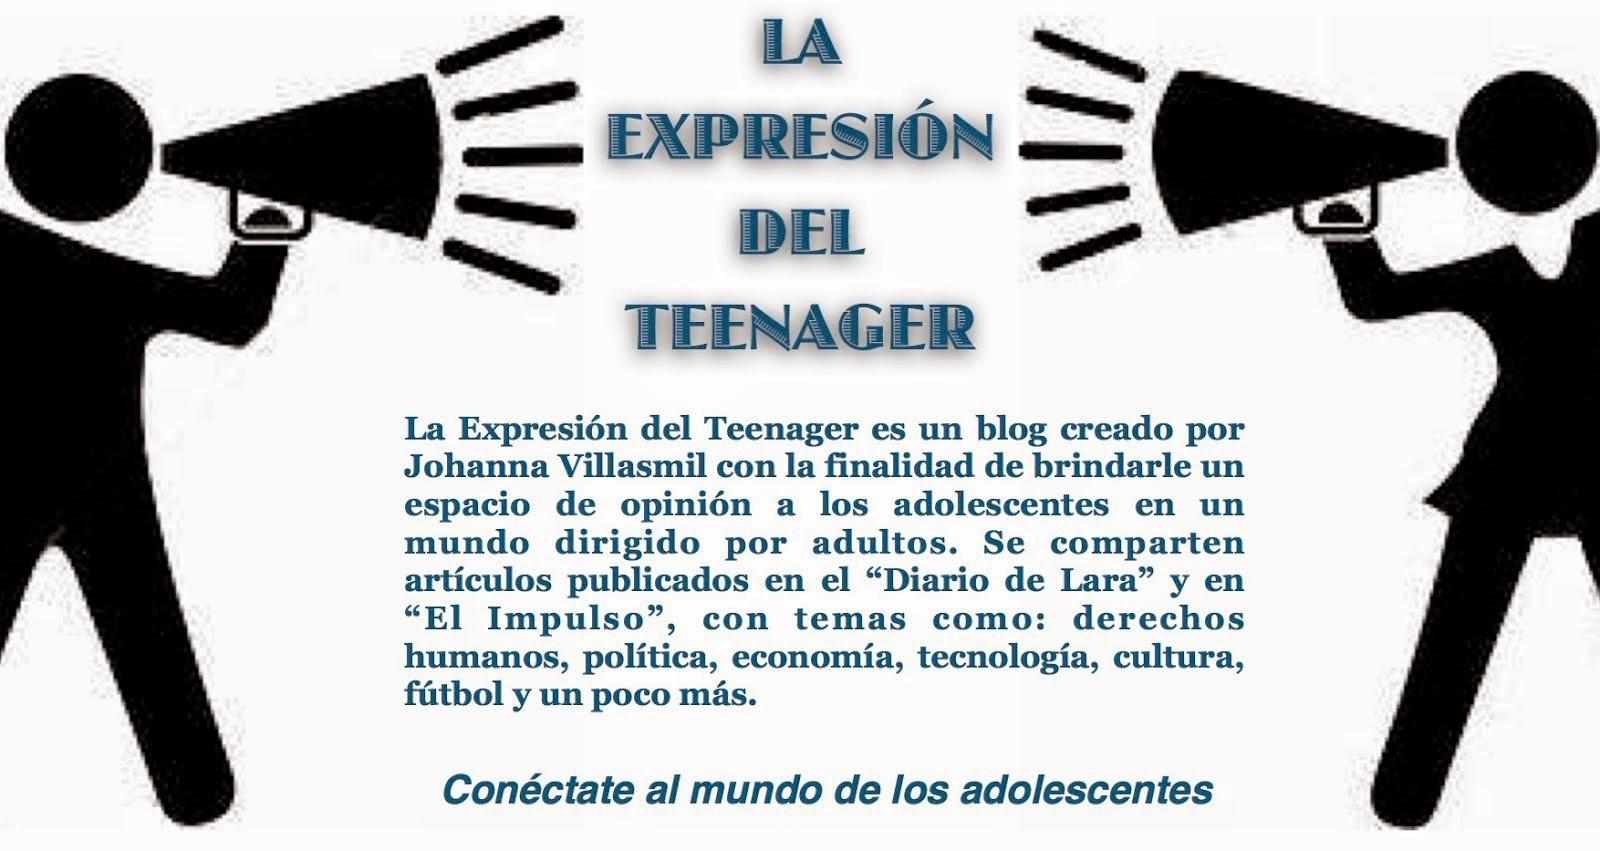 La Expresión del Teenager